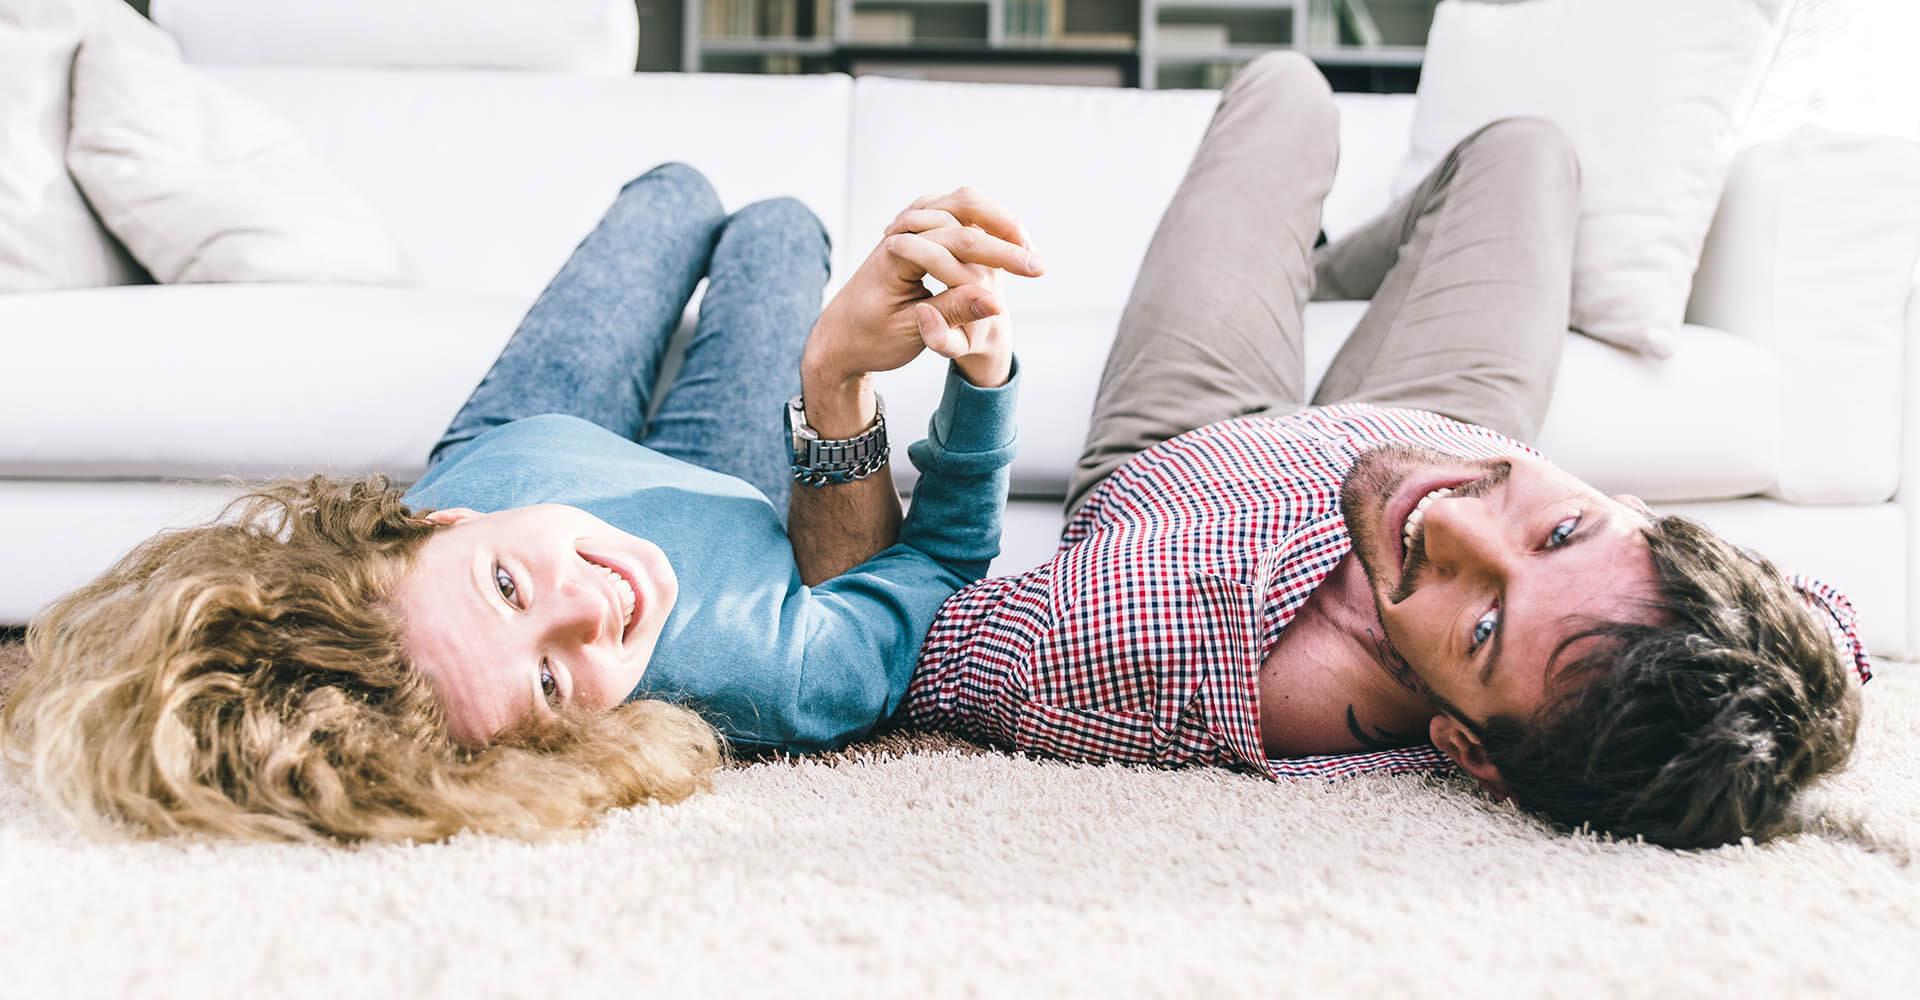 Paar wärmt sich zusammen in Wohnzimmer auf dem Boden für Yoga-Übungen auf